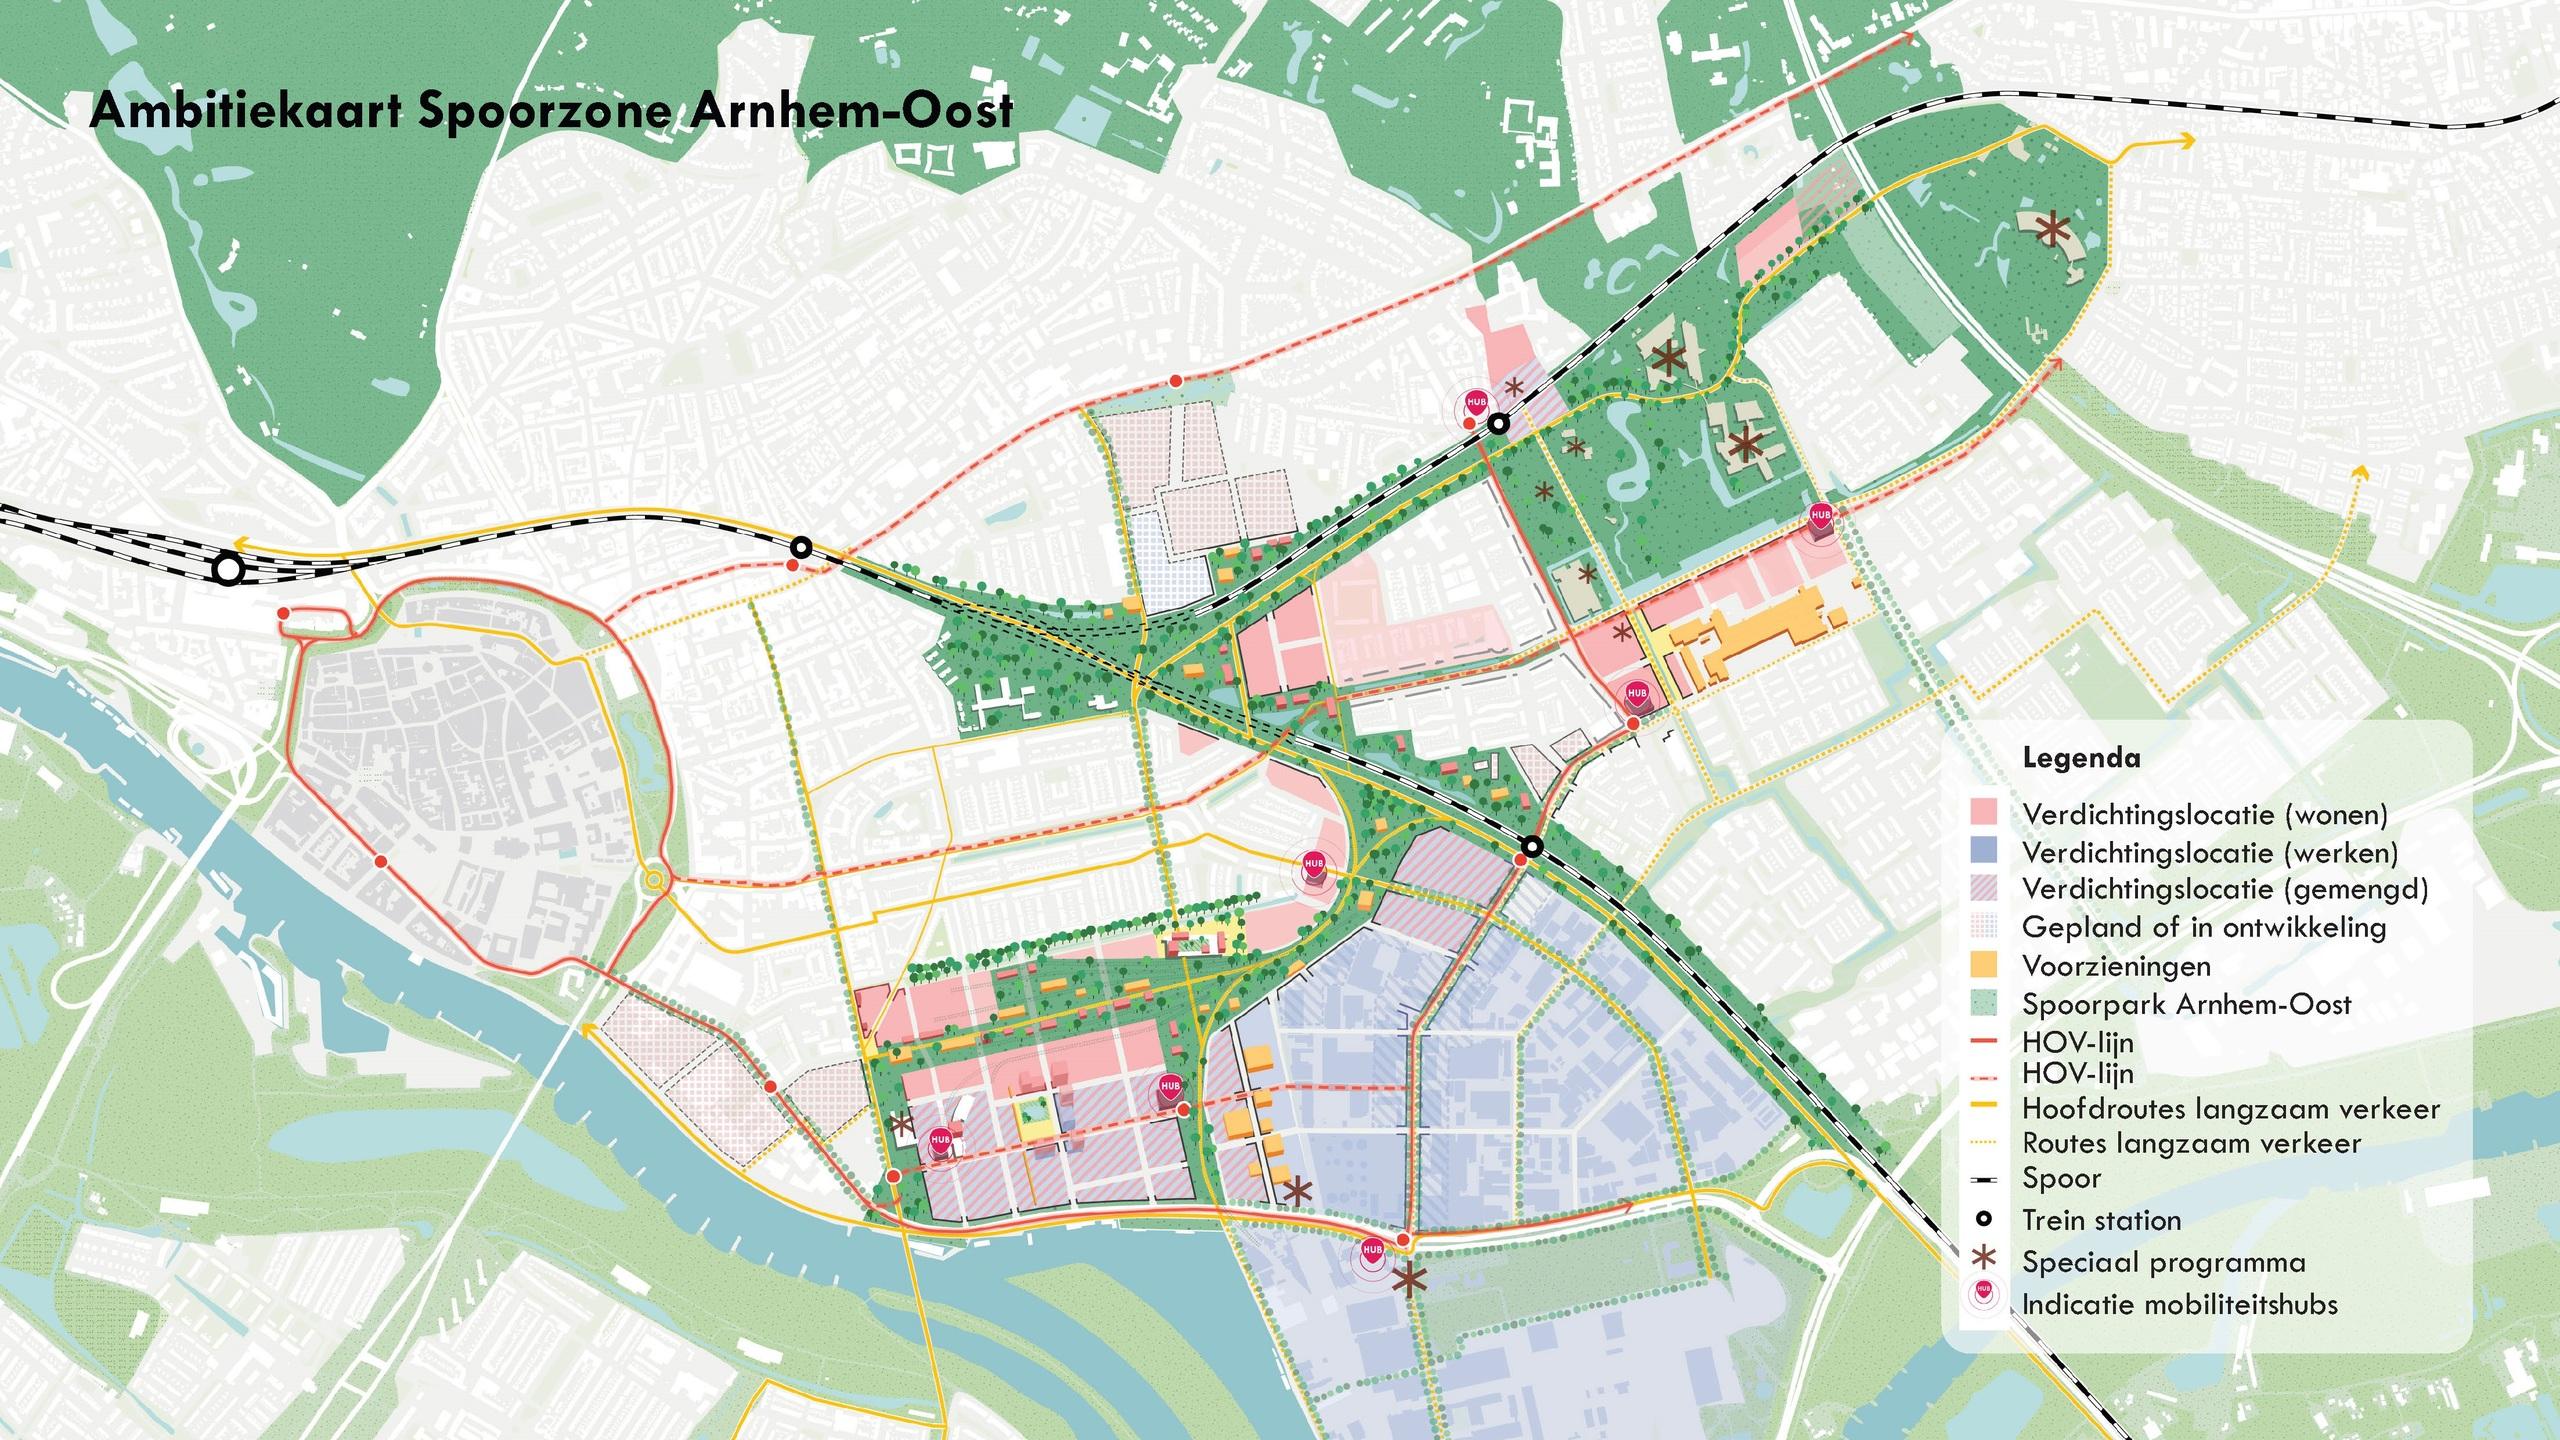 Spoorzone Arnhem-Oost